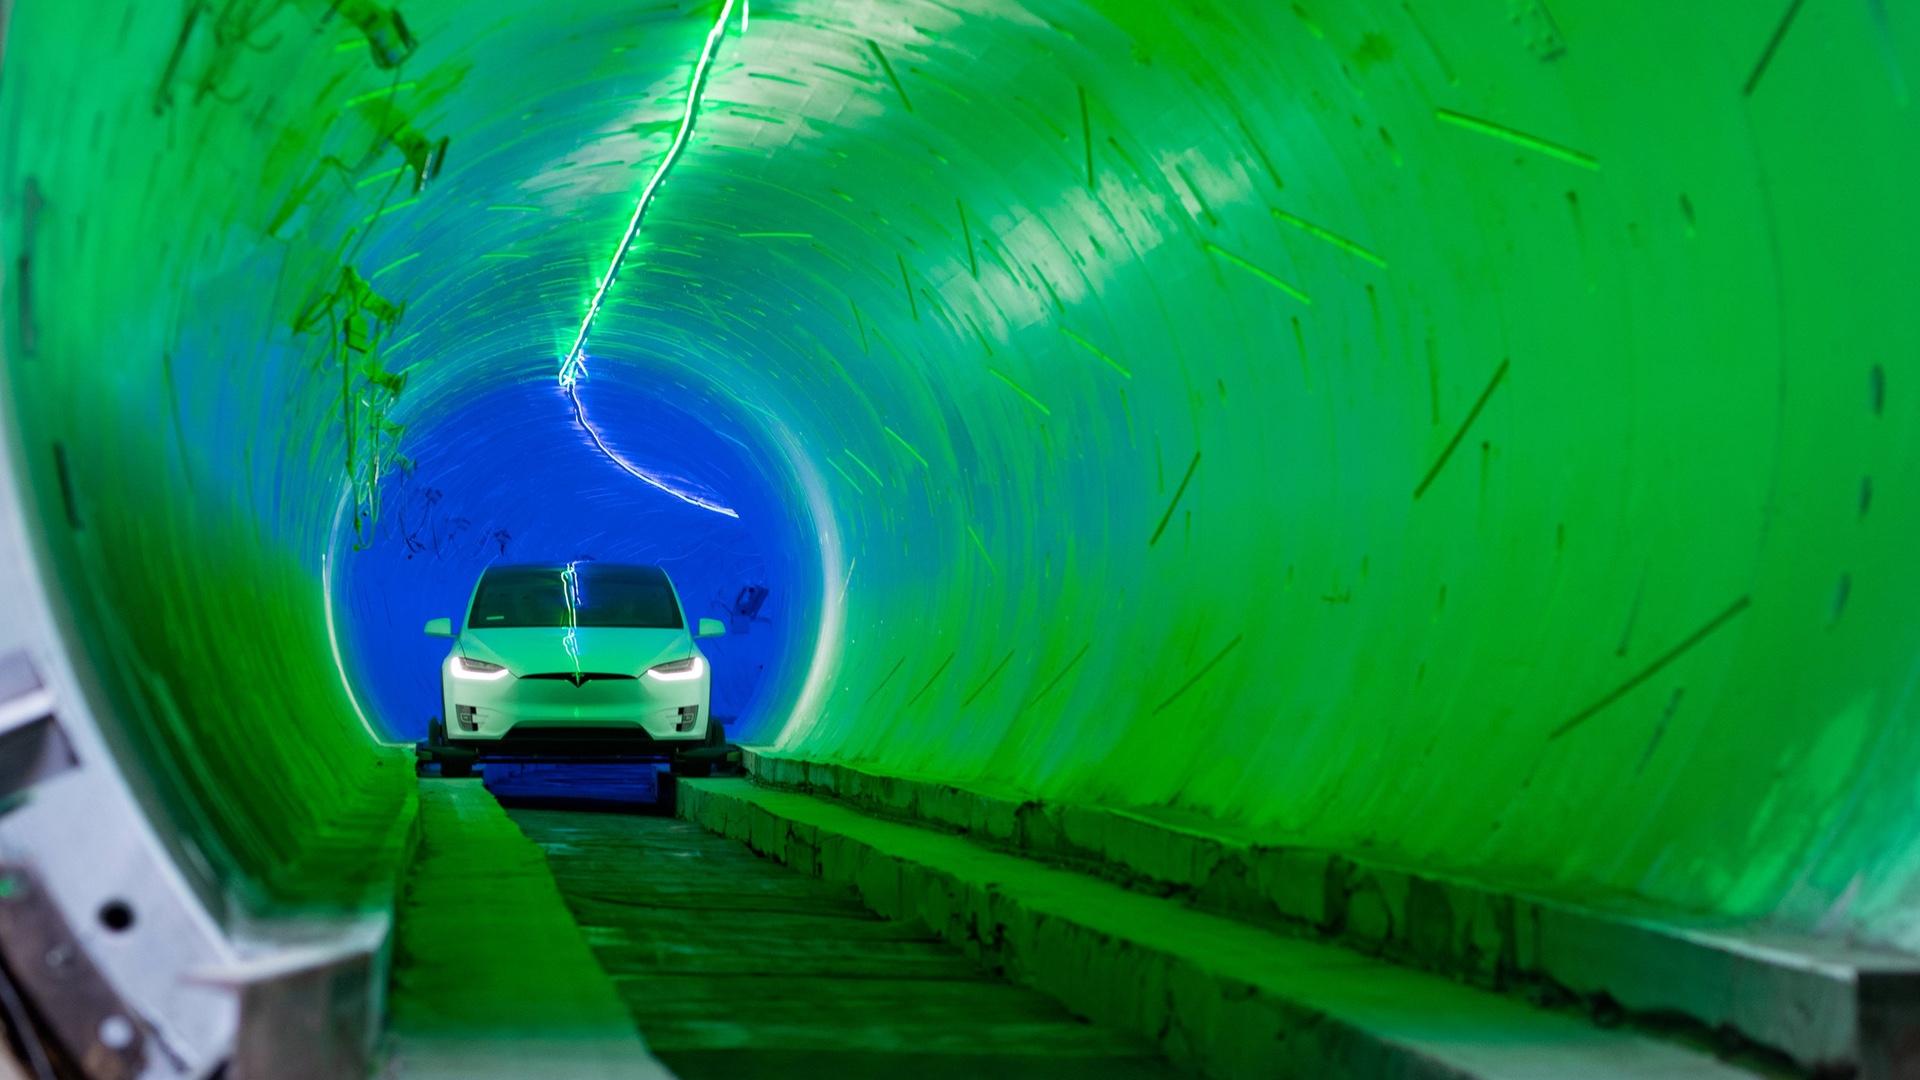 Testovací tunel je zatím plný nerovností